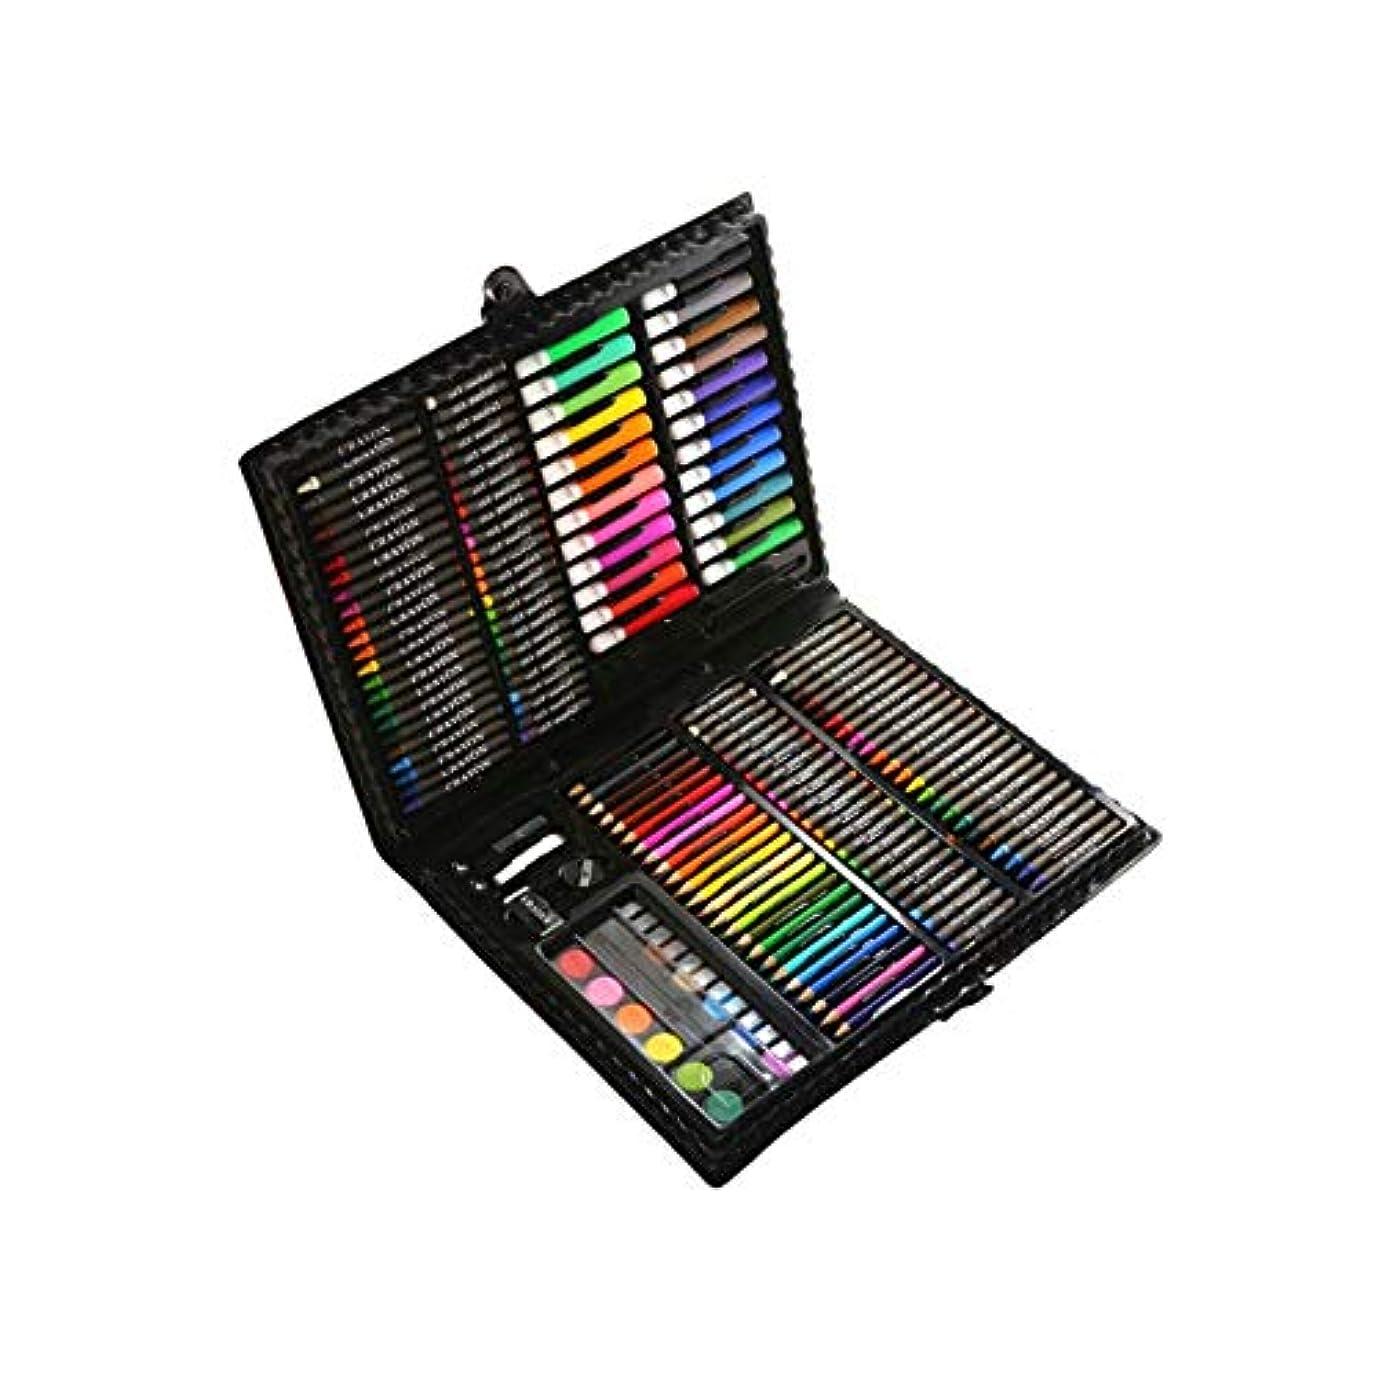 狂ったヒギンズ悪のHongyuantongxun001 絵筆、実用的な絵の子供は芸術の絵具を使用できます、学生の絵の練習の多目的の学用品(168/180/258) カジュアルな絵画 (Color : 168 pieces)